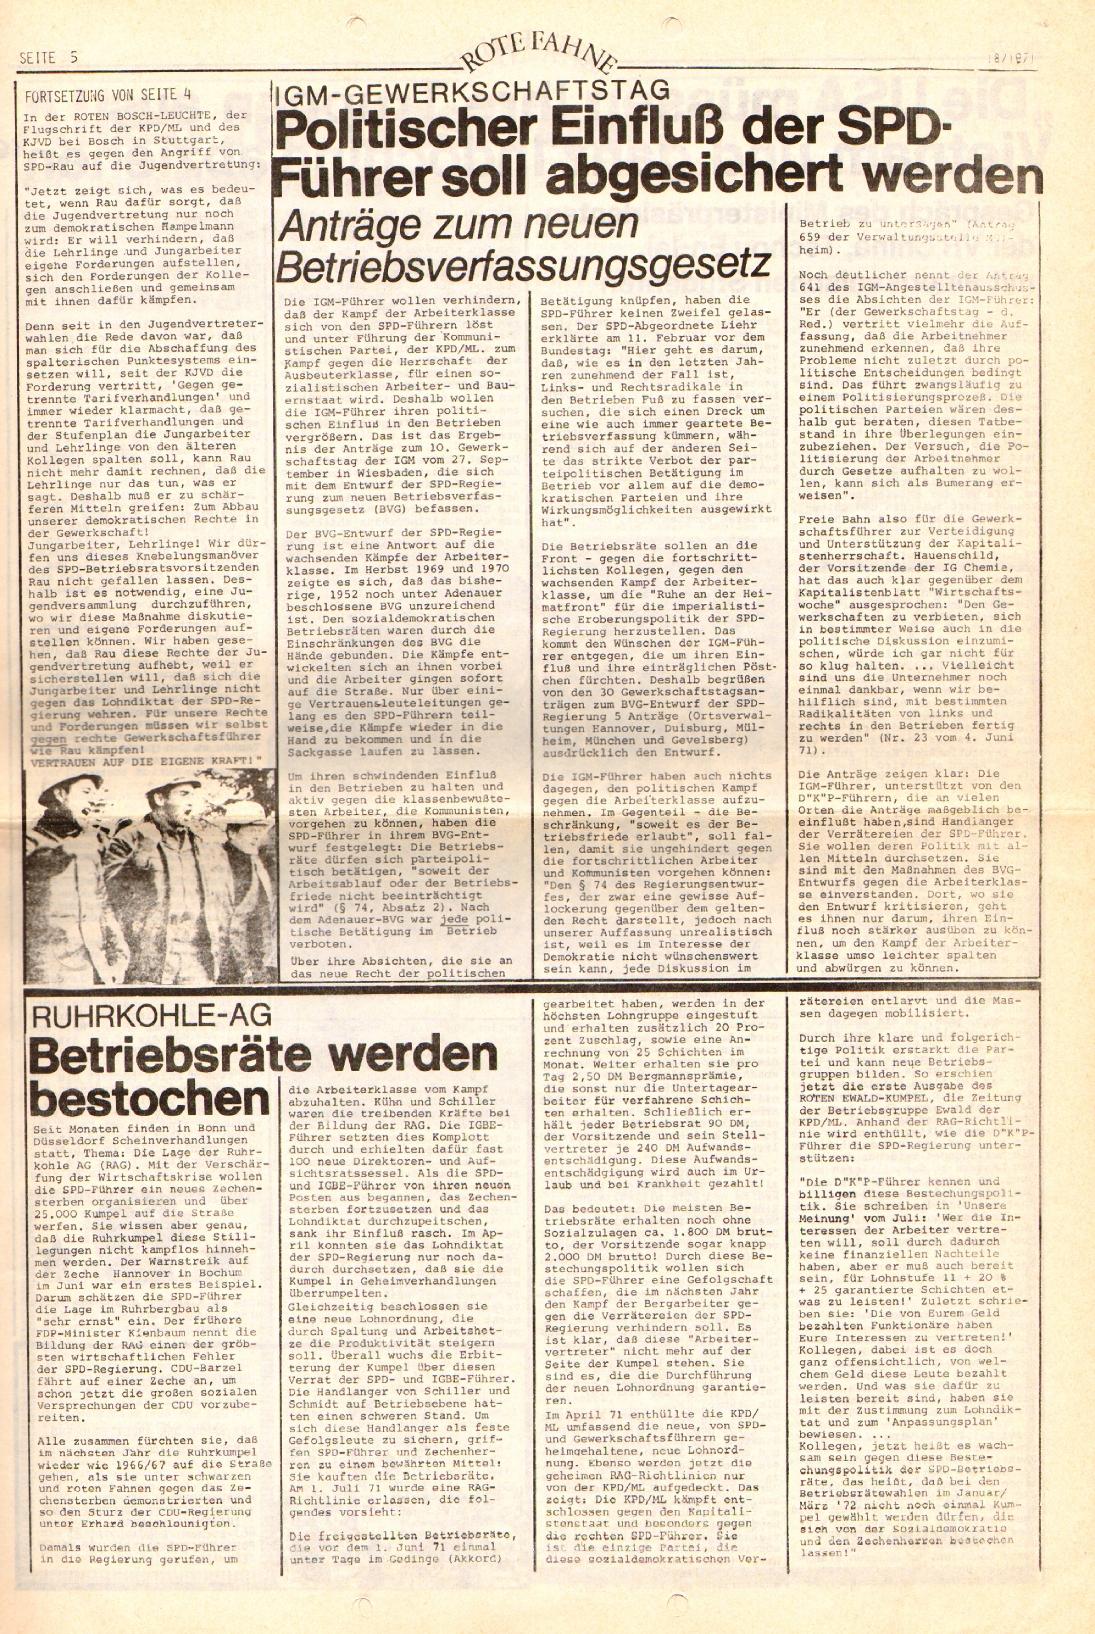 Rote Fahne, 2. Jg., 13.9.1971, Nr. 18, Seite 5